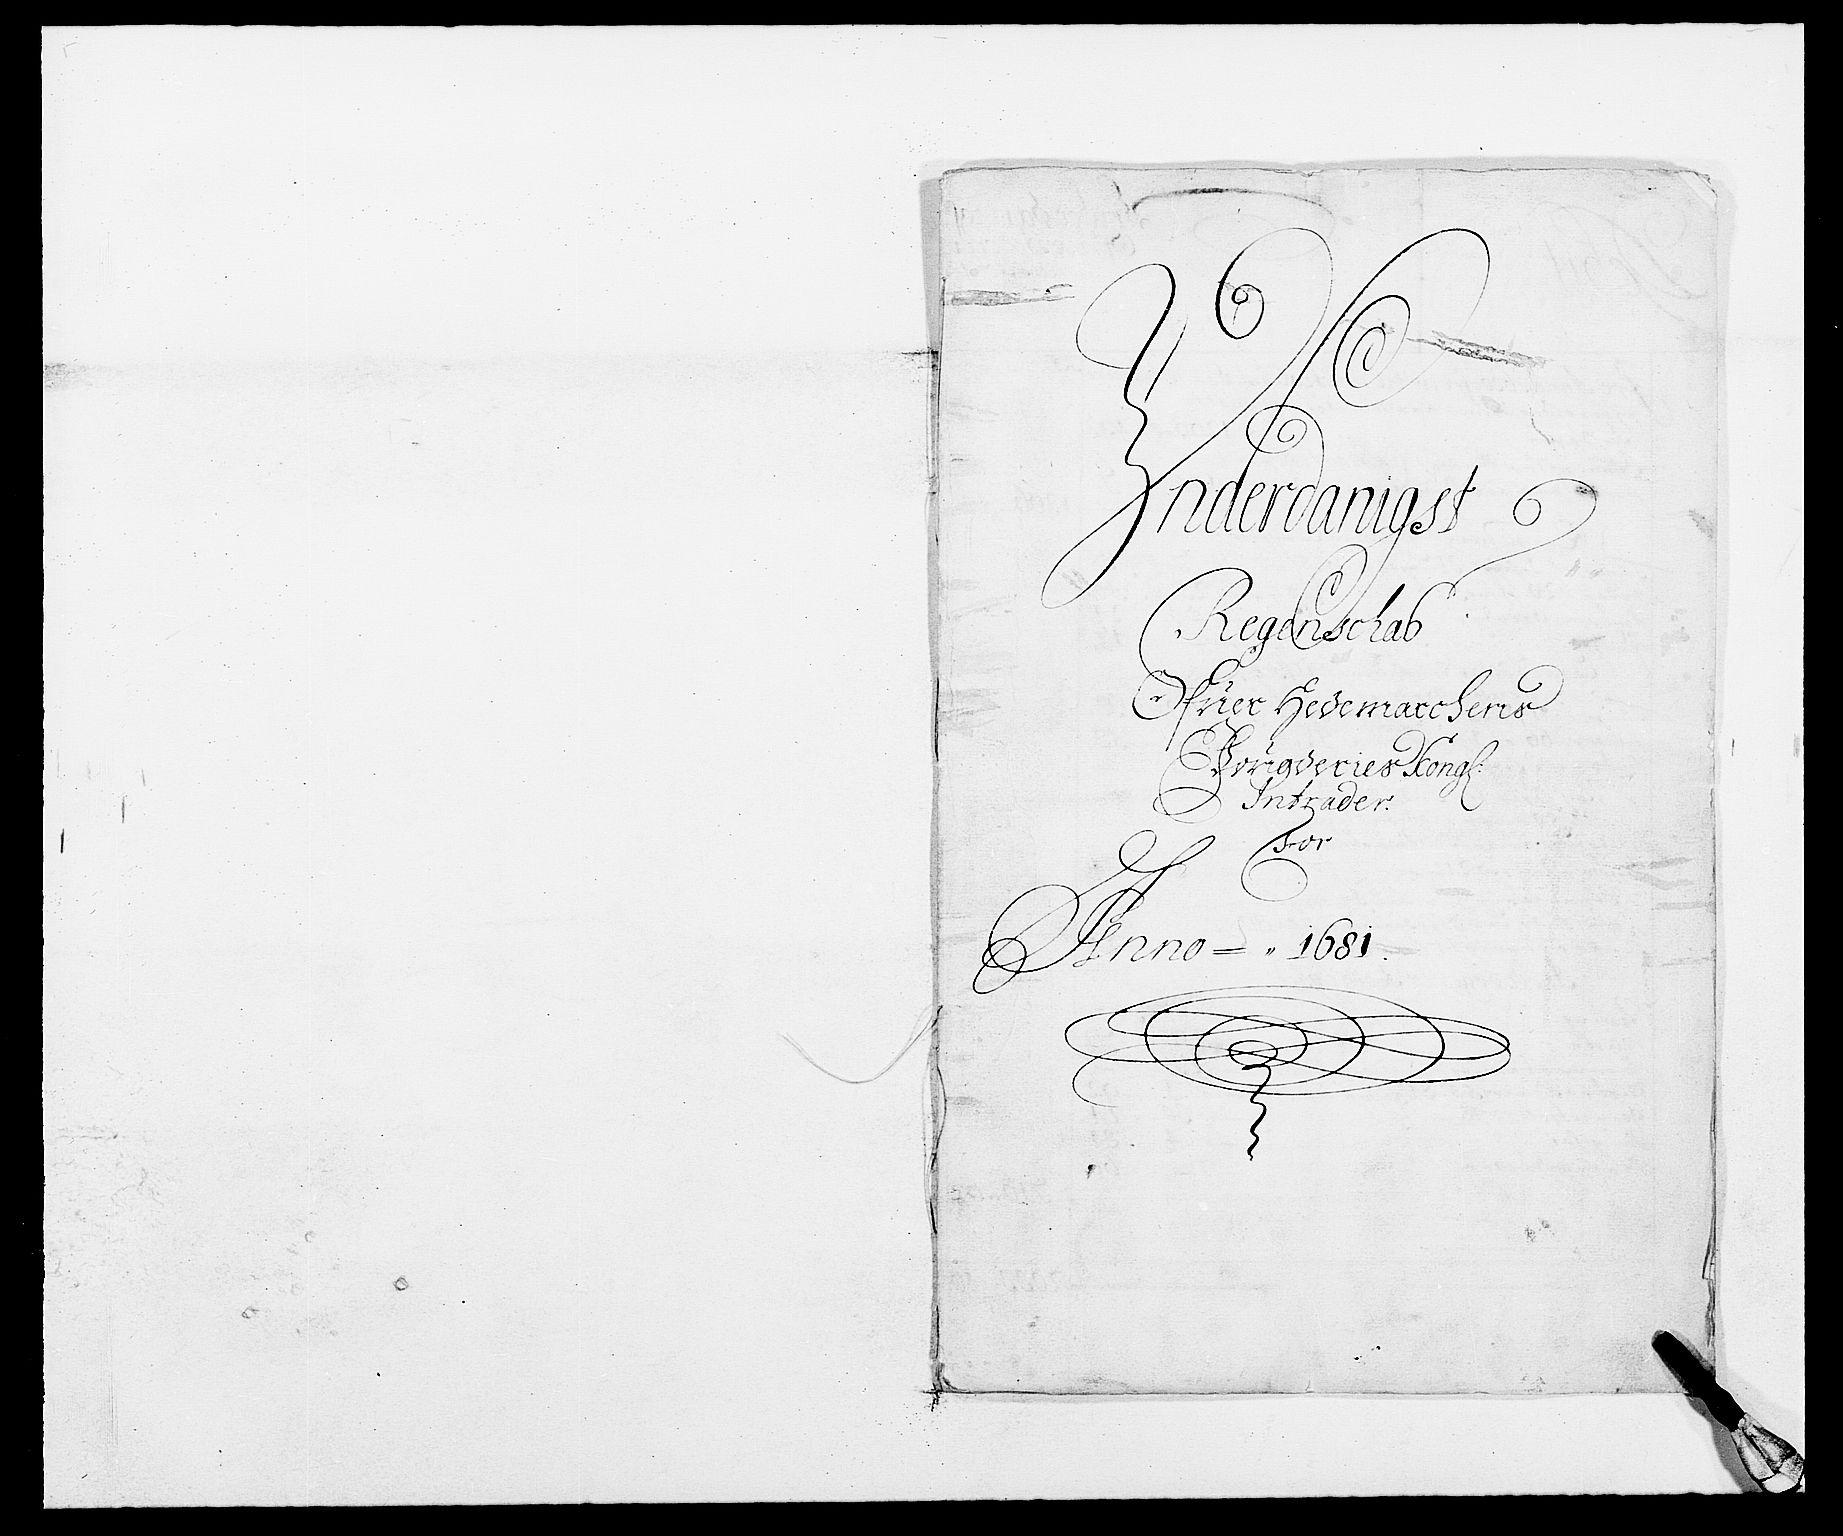 RA, Rentekammeret inntil 1814, Reviderte regnskaper, Fogderegnskap, R16/L1021: Fogderegnskap Hedmark, 1681, s. 1